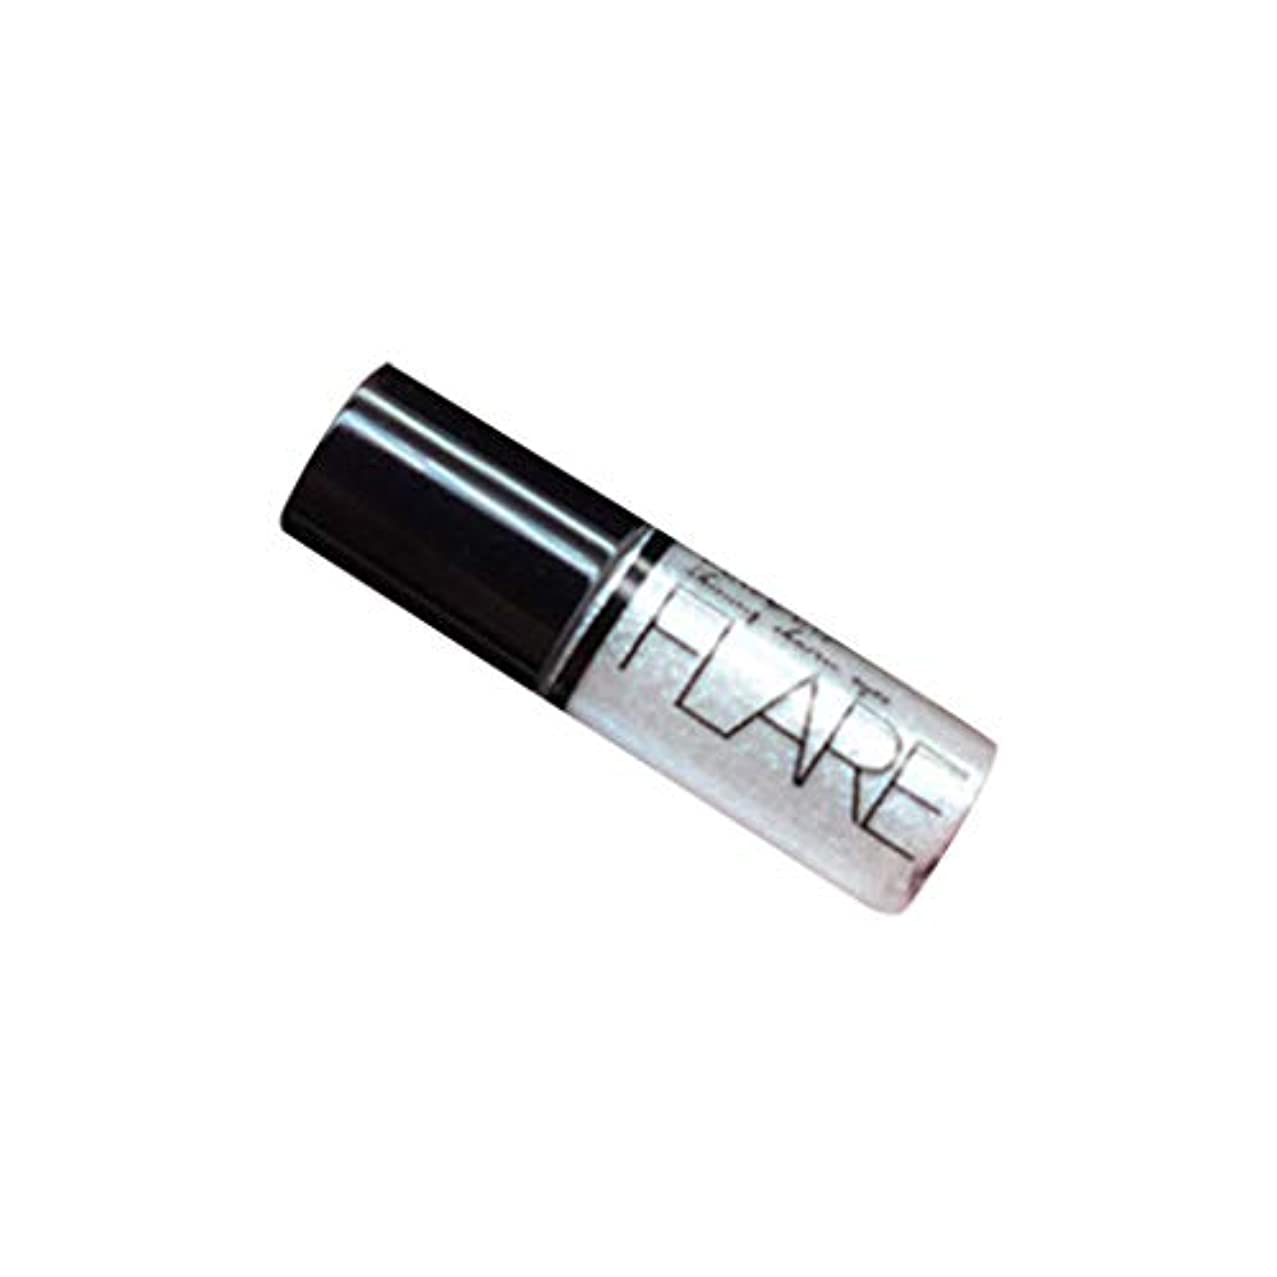 宿るデジタル付き添い人GOOD lask ポータブル光沢のあるスモーキーアイシャドウ、5色3.5グラム防水チャーム輝くメタリック光沢アイライナーアイシャドウ液体アイライナーゴールドカラットダイヤモンド横たわっているシルクアイライナーパウダーアイシャドウパウダー (A)